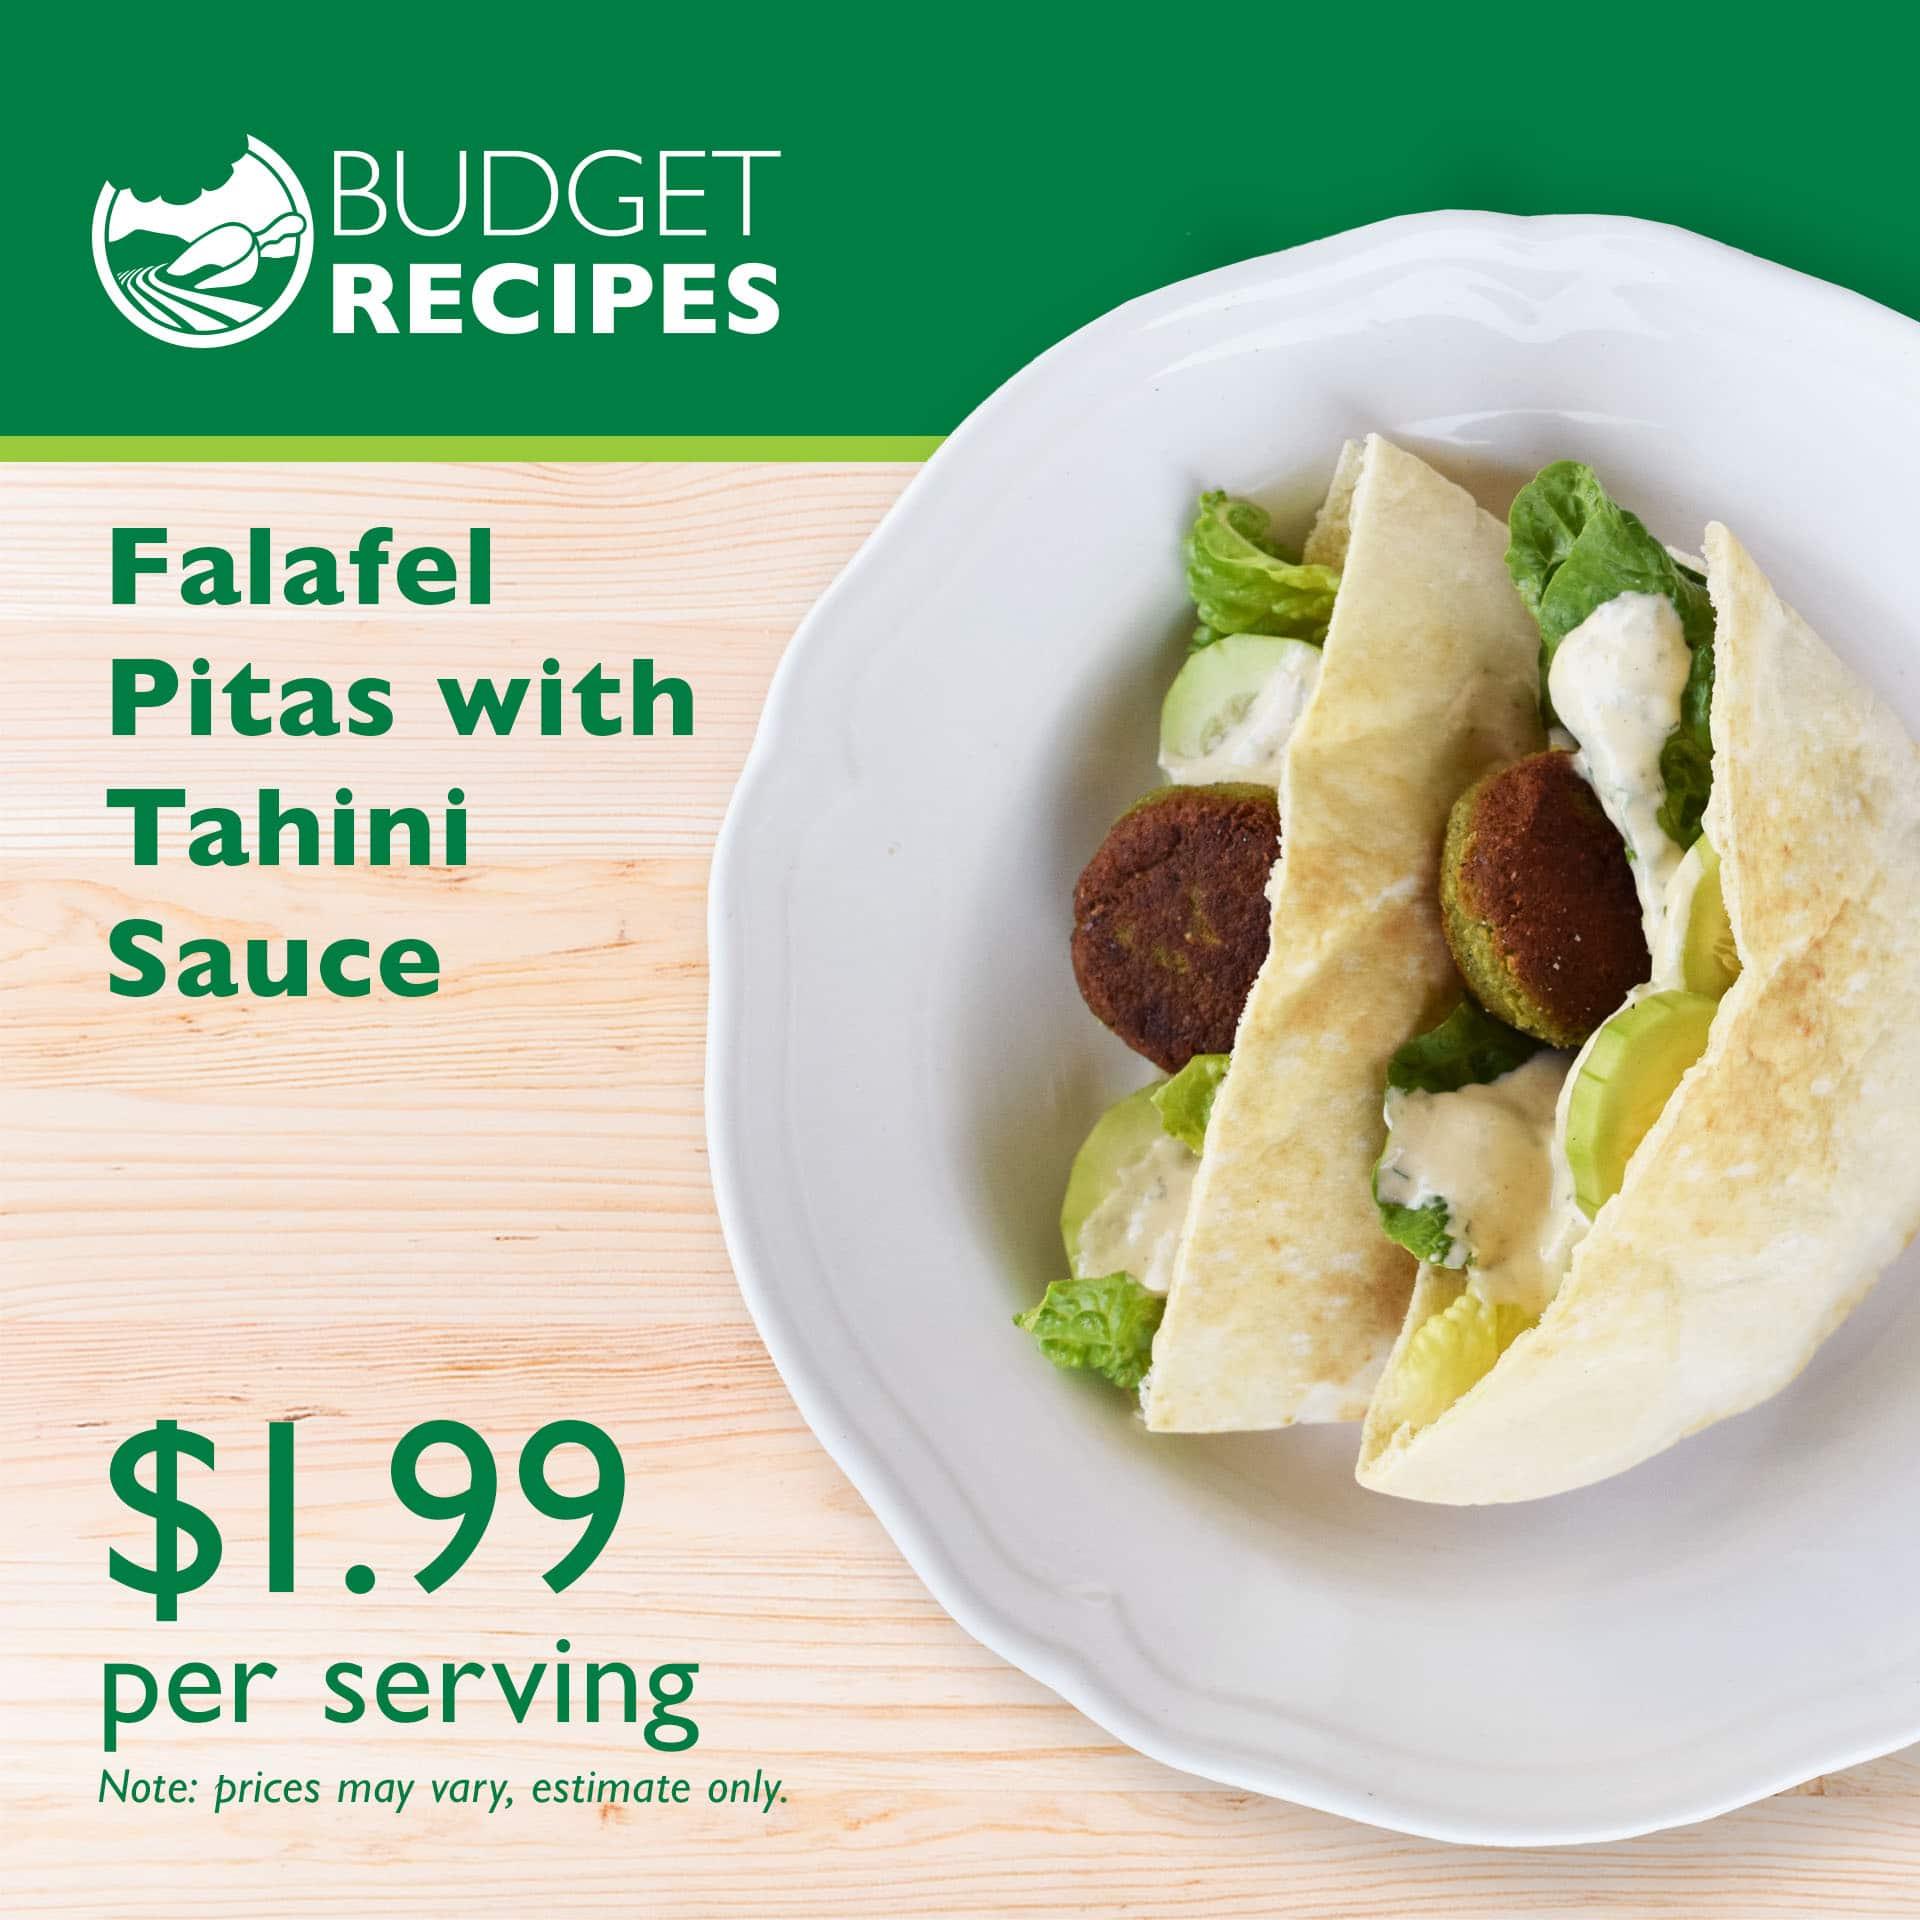 Budget Recipe Falafel Pitas